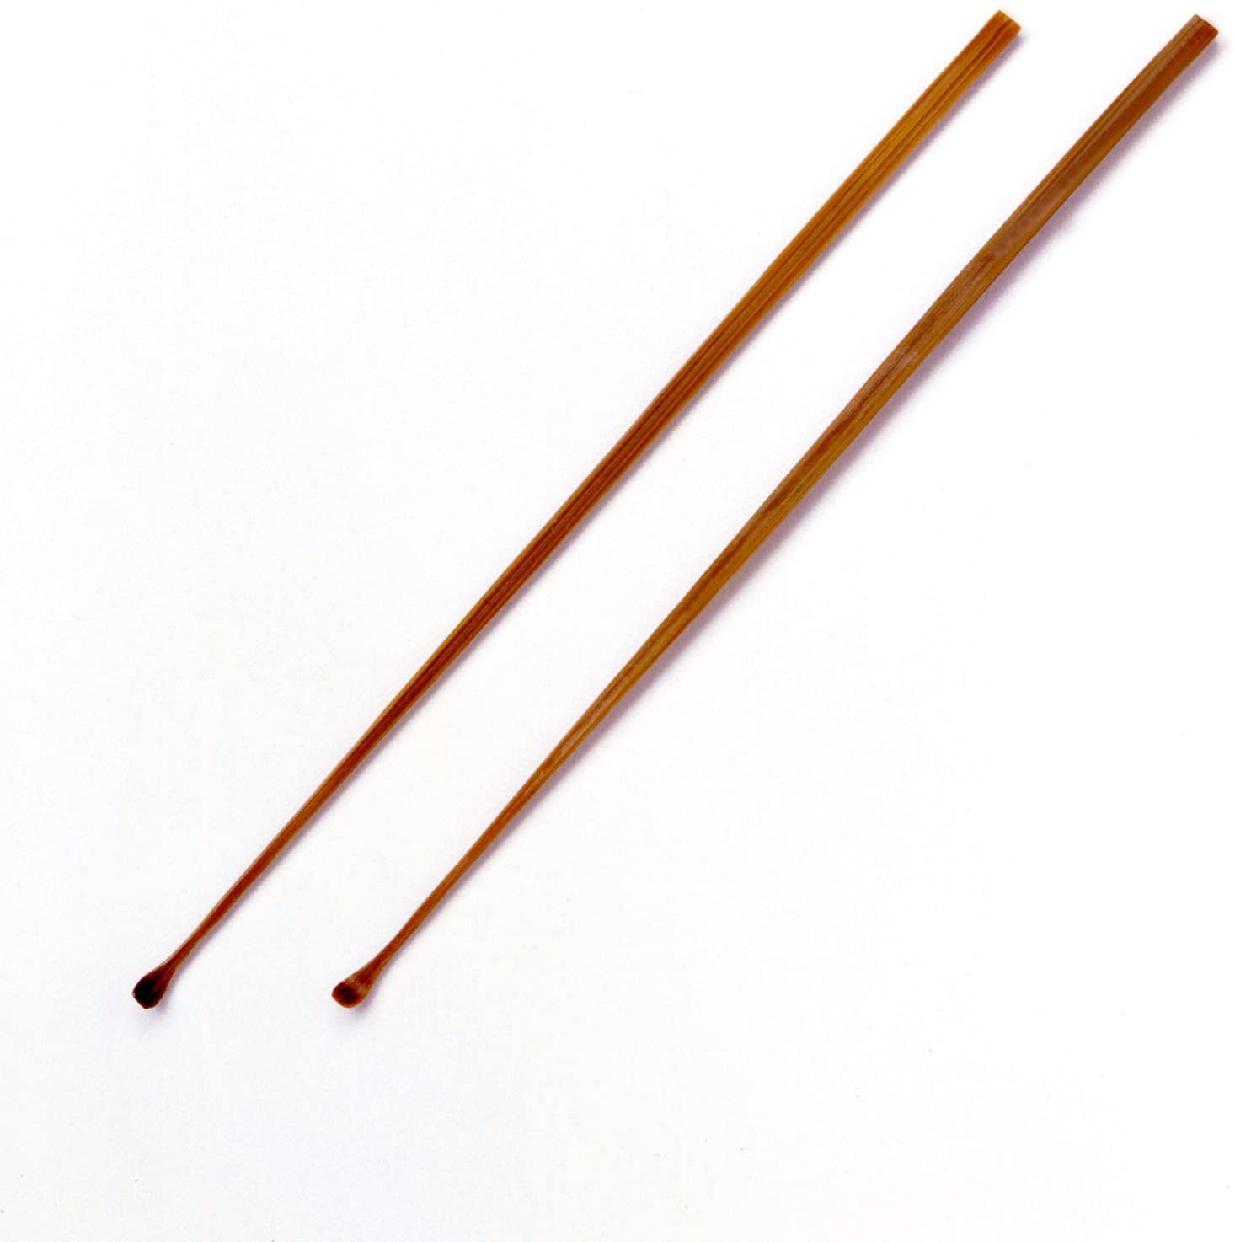 匠の技 最高級天然煤竹(すすたけ) 耳かきの商品画像4